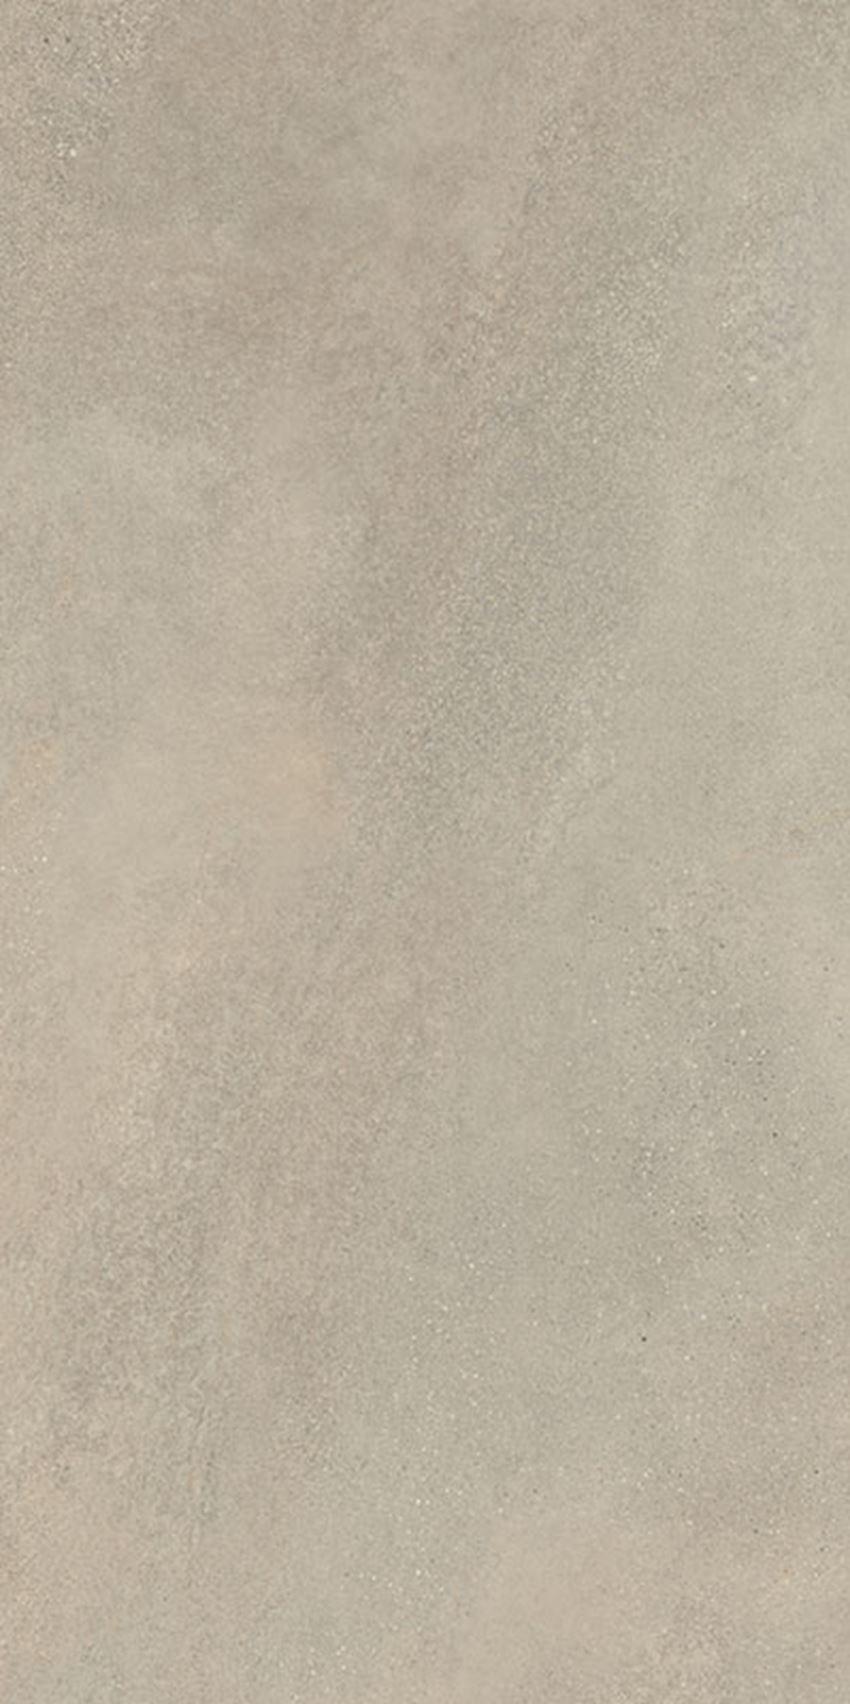 Płytka ścienno-podłogowa 59,8x119,8 cm Paradyż Smoothstone Bianco Gres Szkl. Rekt. Satyna